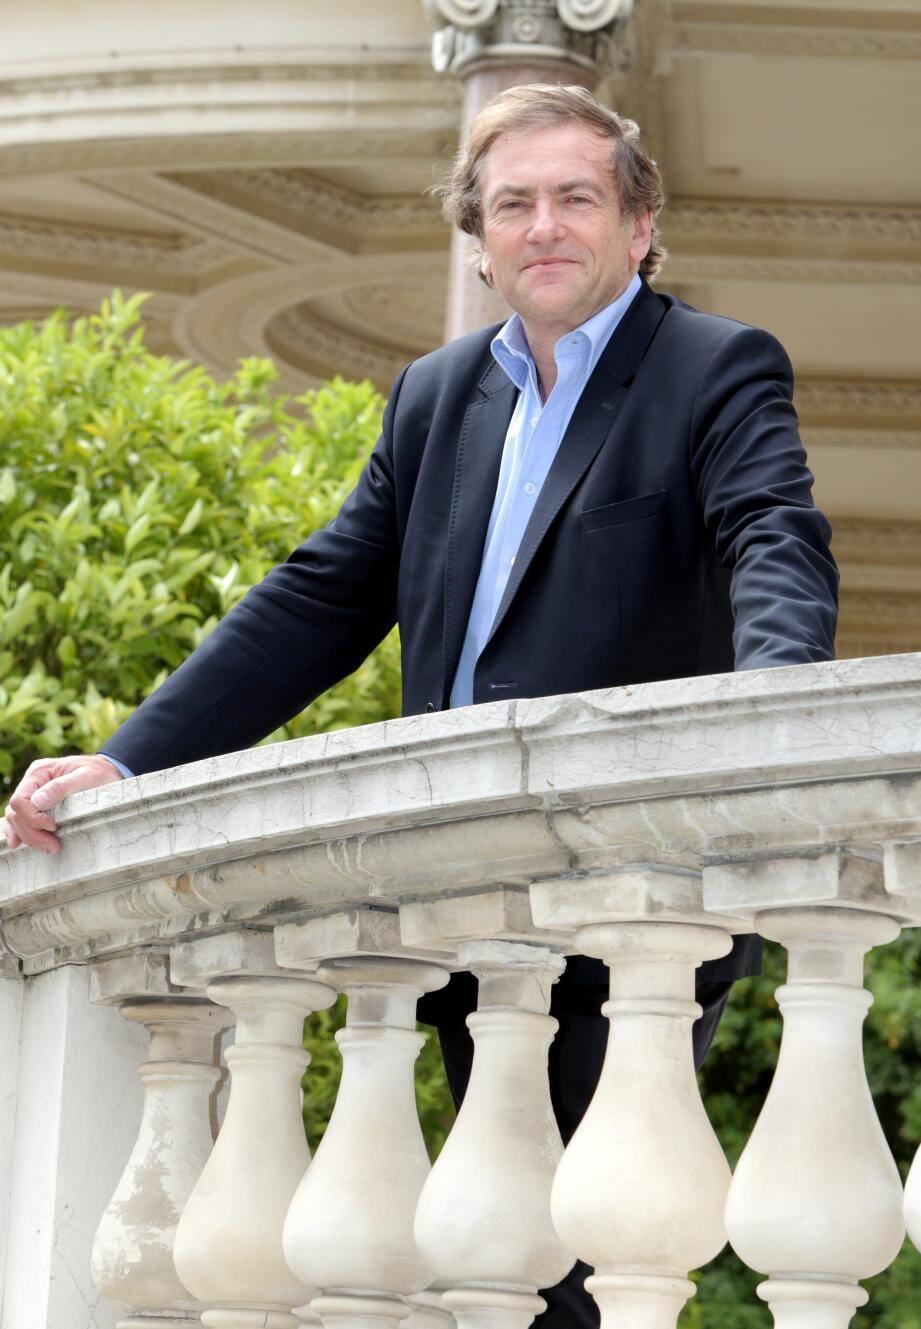 Didider van Cauwelaert en mai 2016, dans les jardins de la villa Masséna.